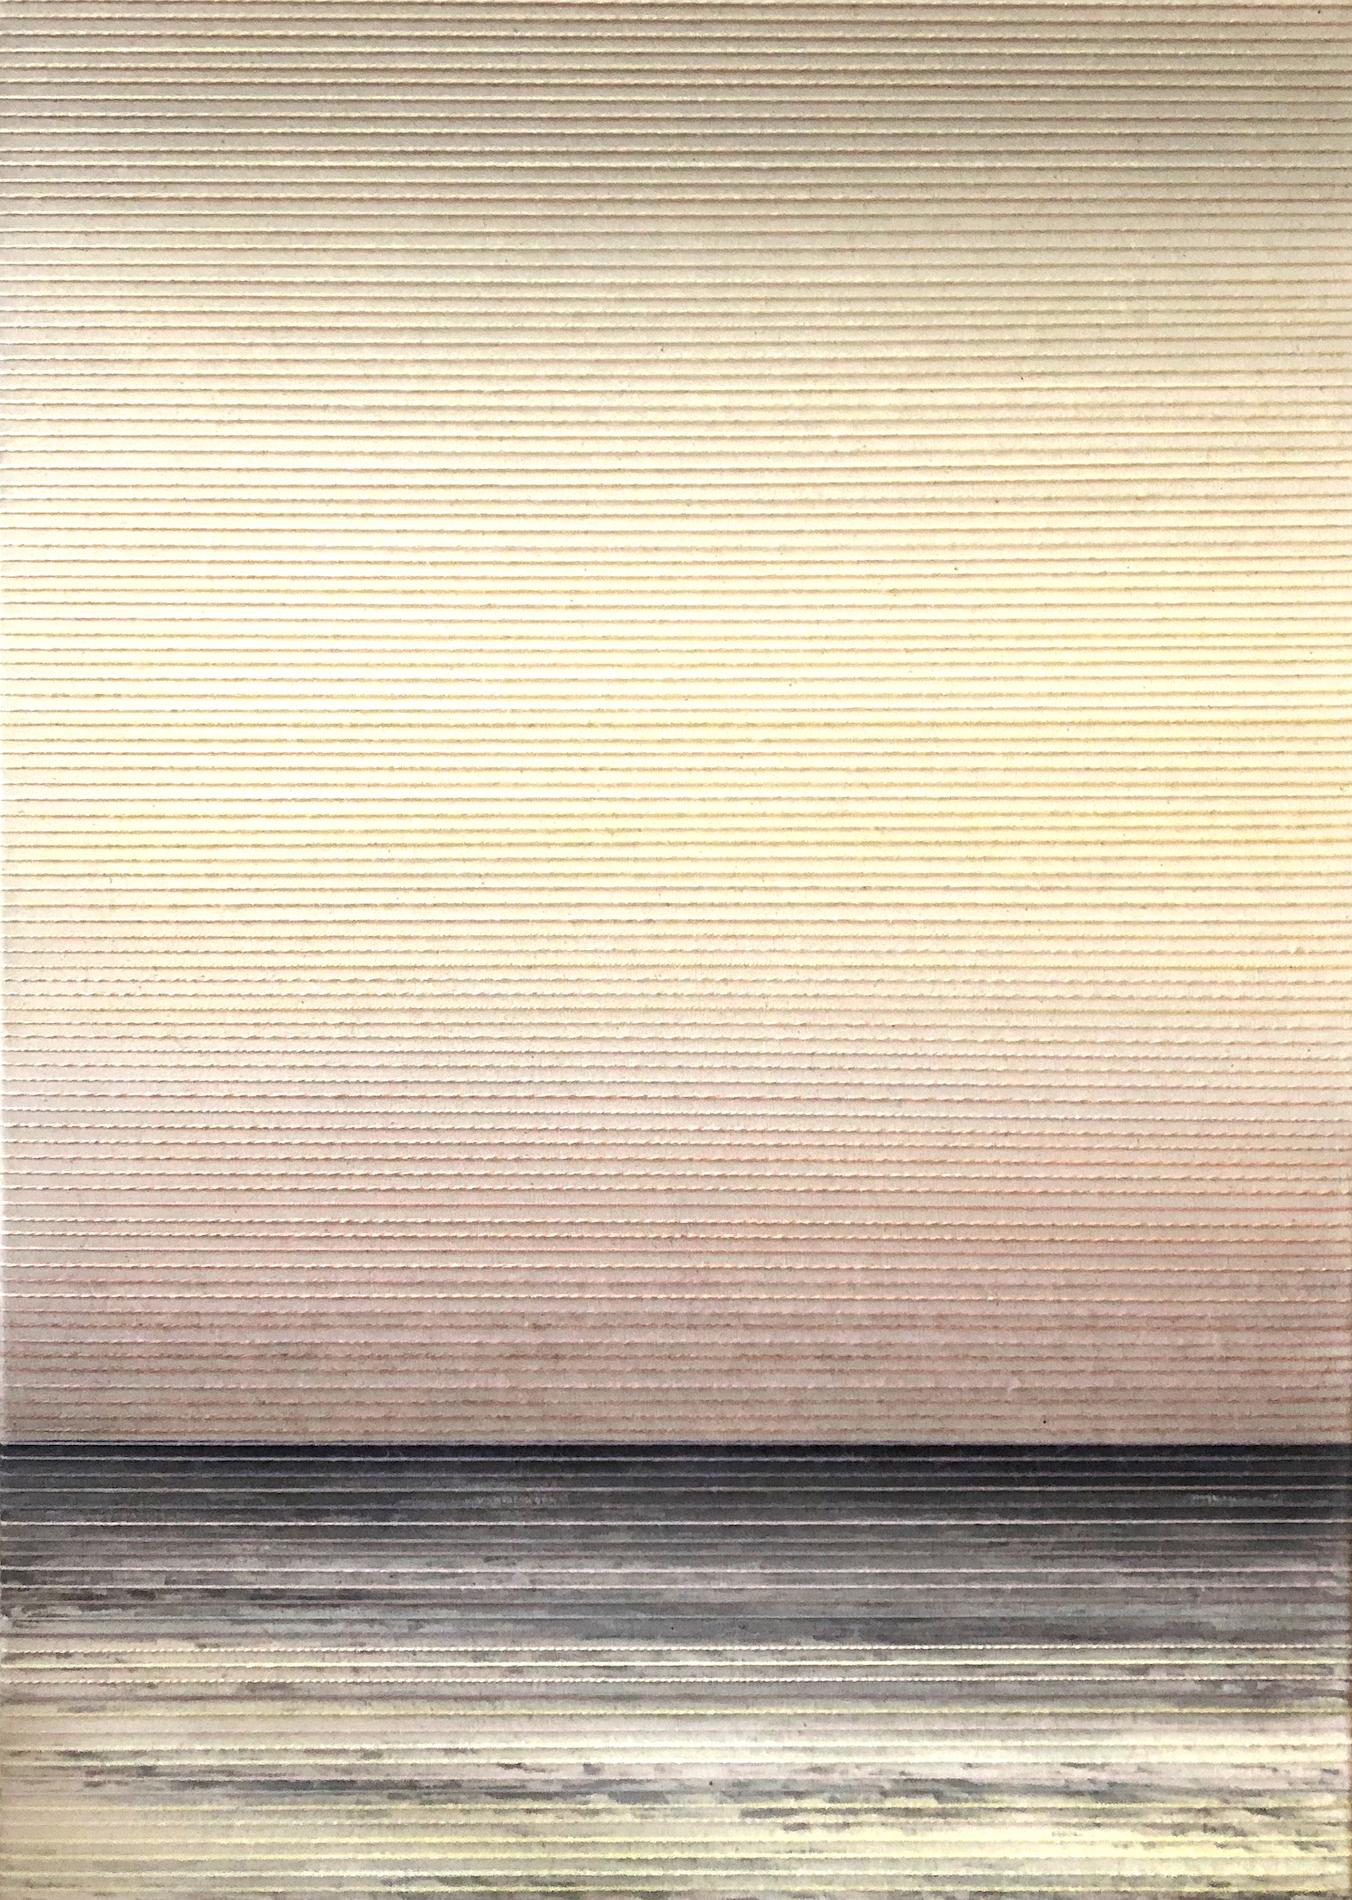 Linda Männel: o.T. (Glowing V), 2020, Tusche/Garn auf Leinwand, 50 x 70 cm